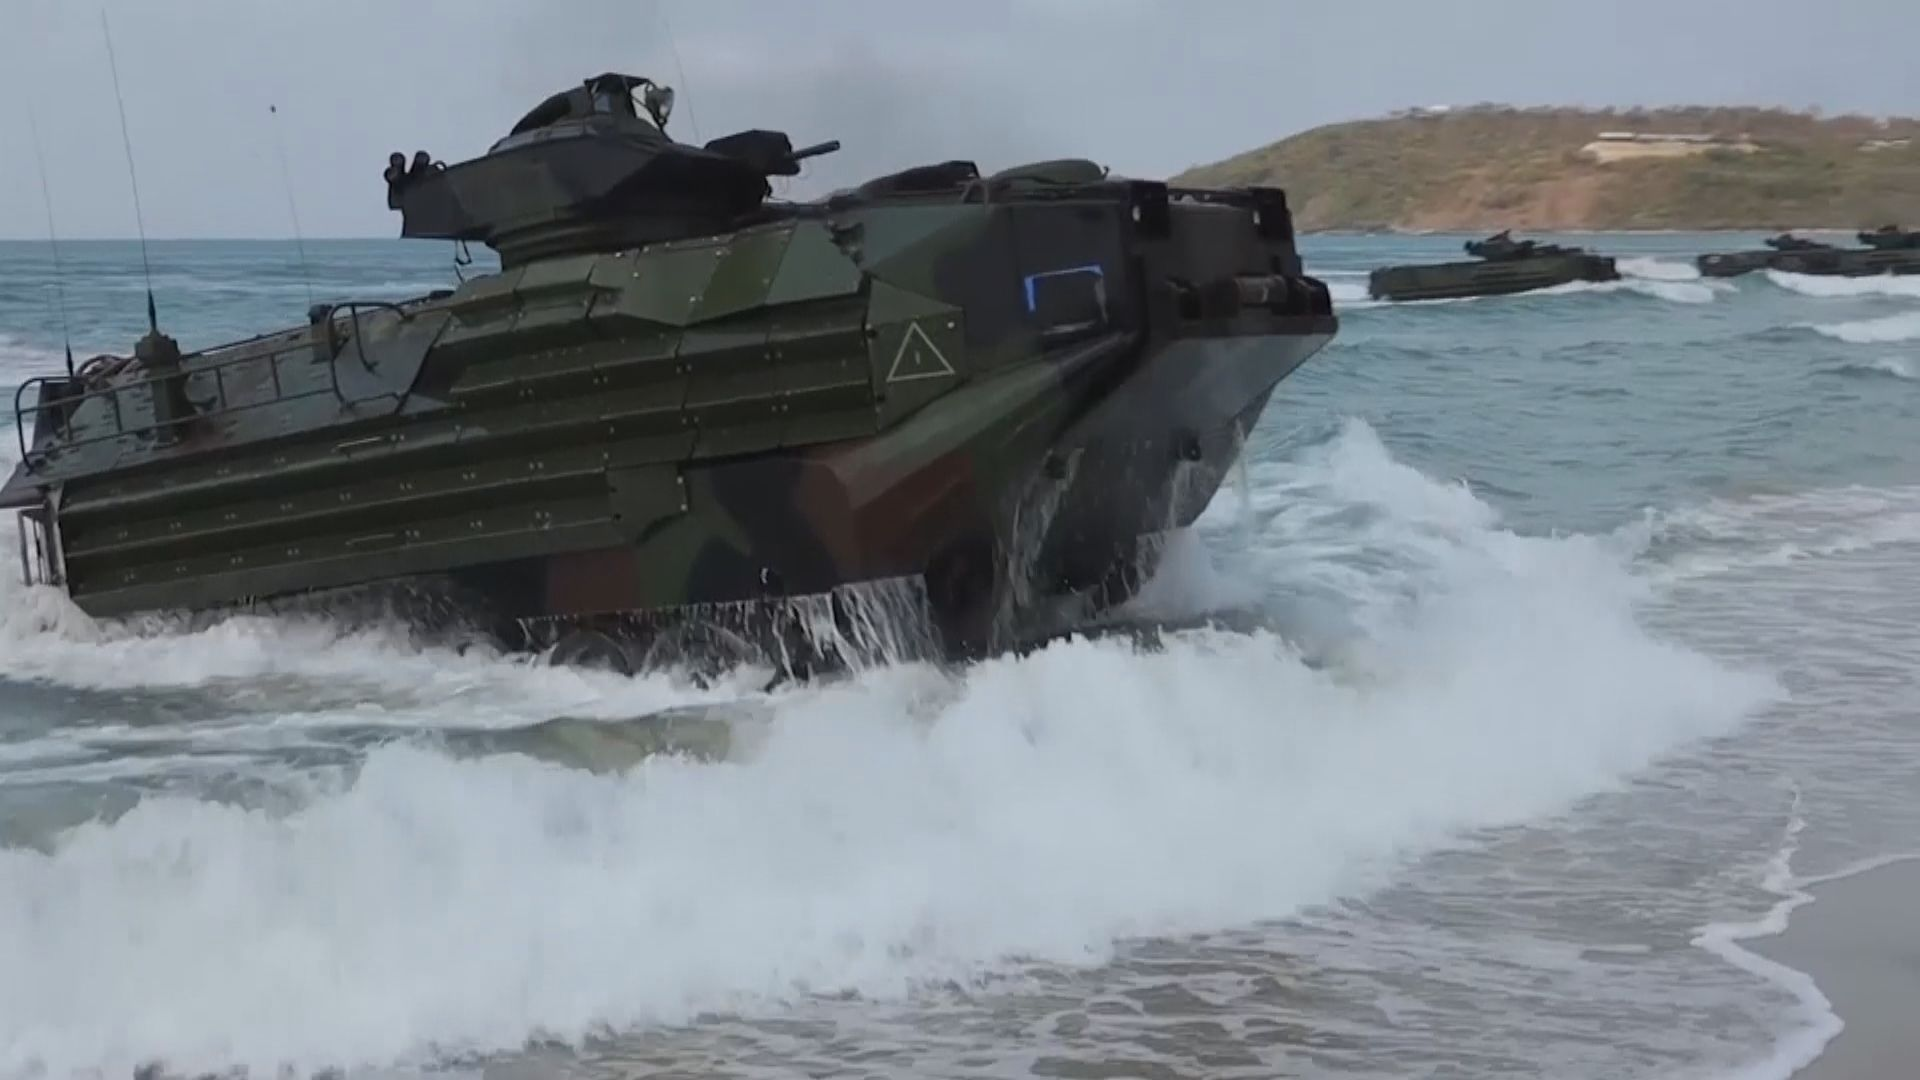 美、泰軍方展開兩棲攻擊演習